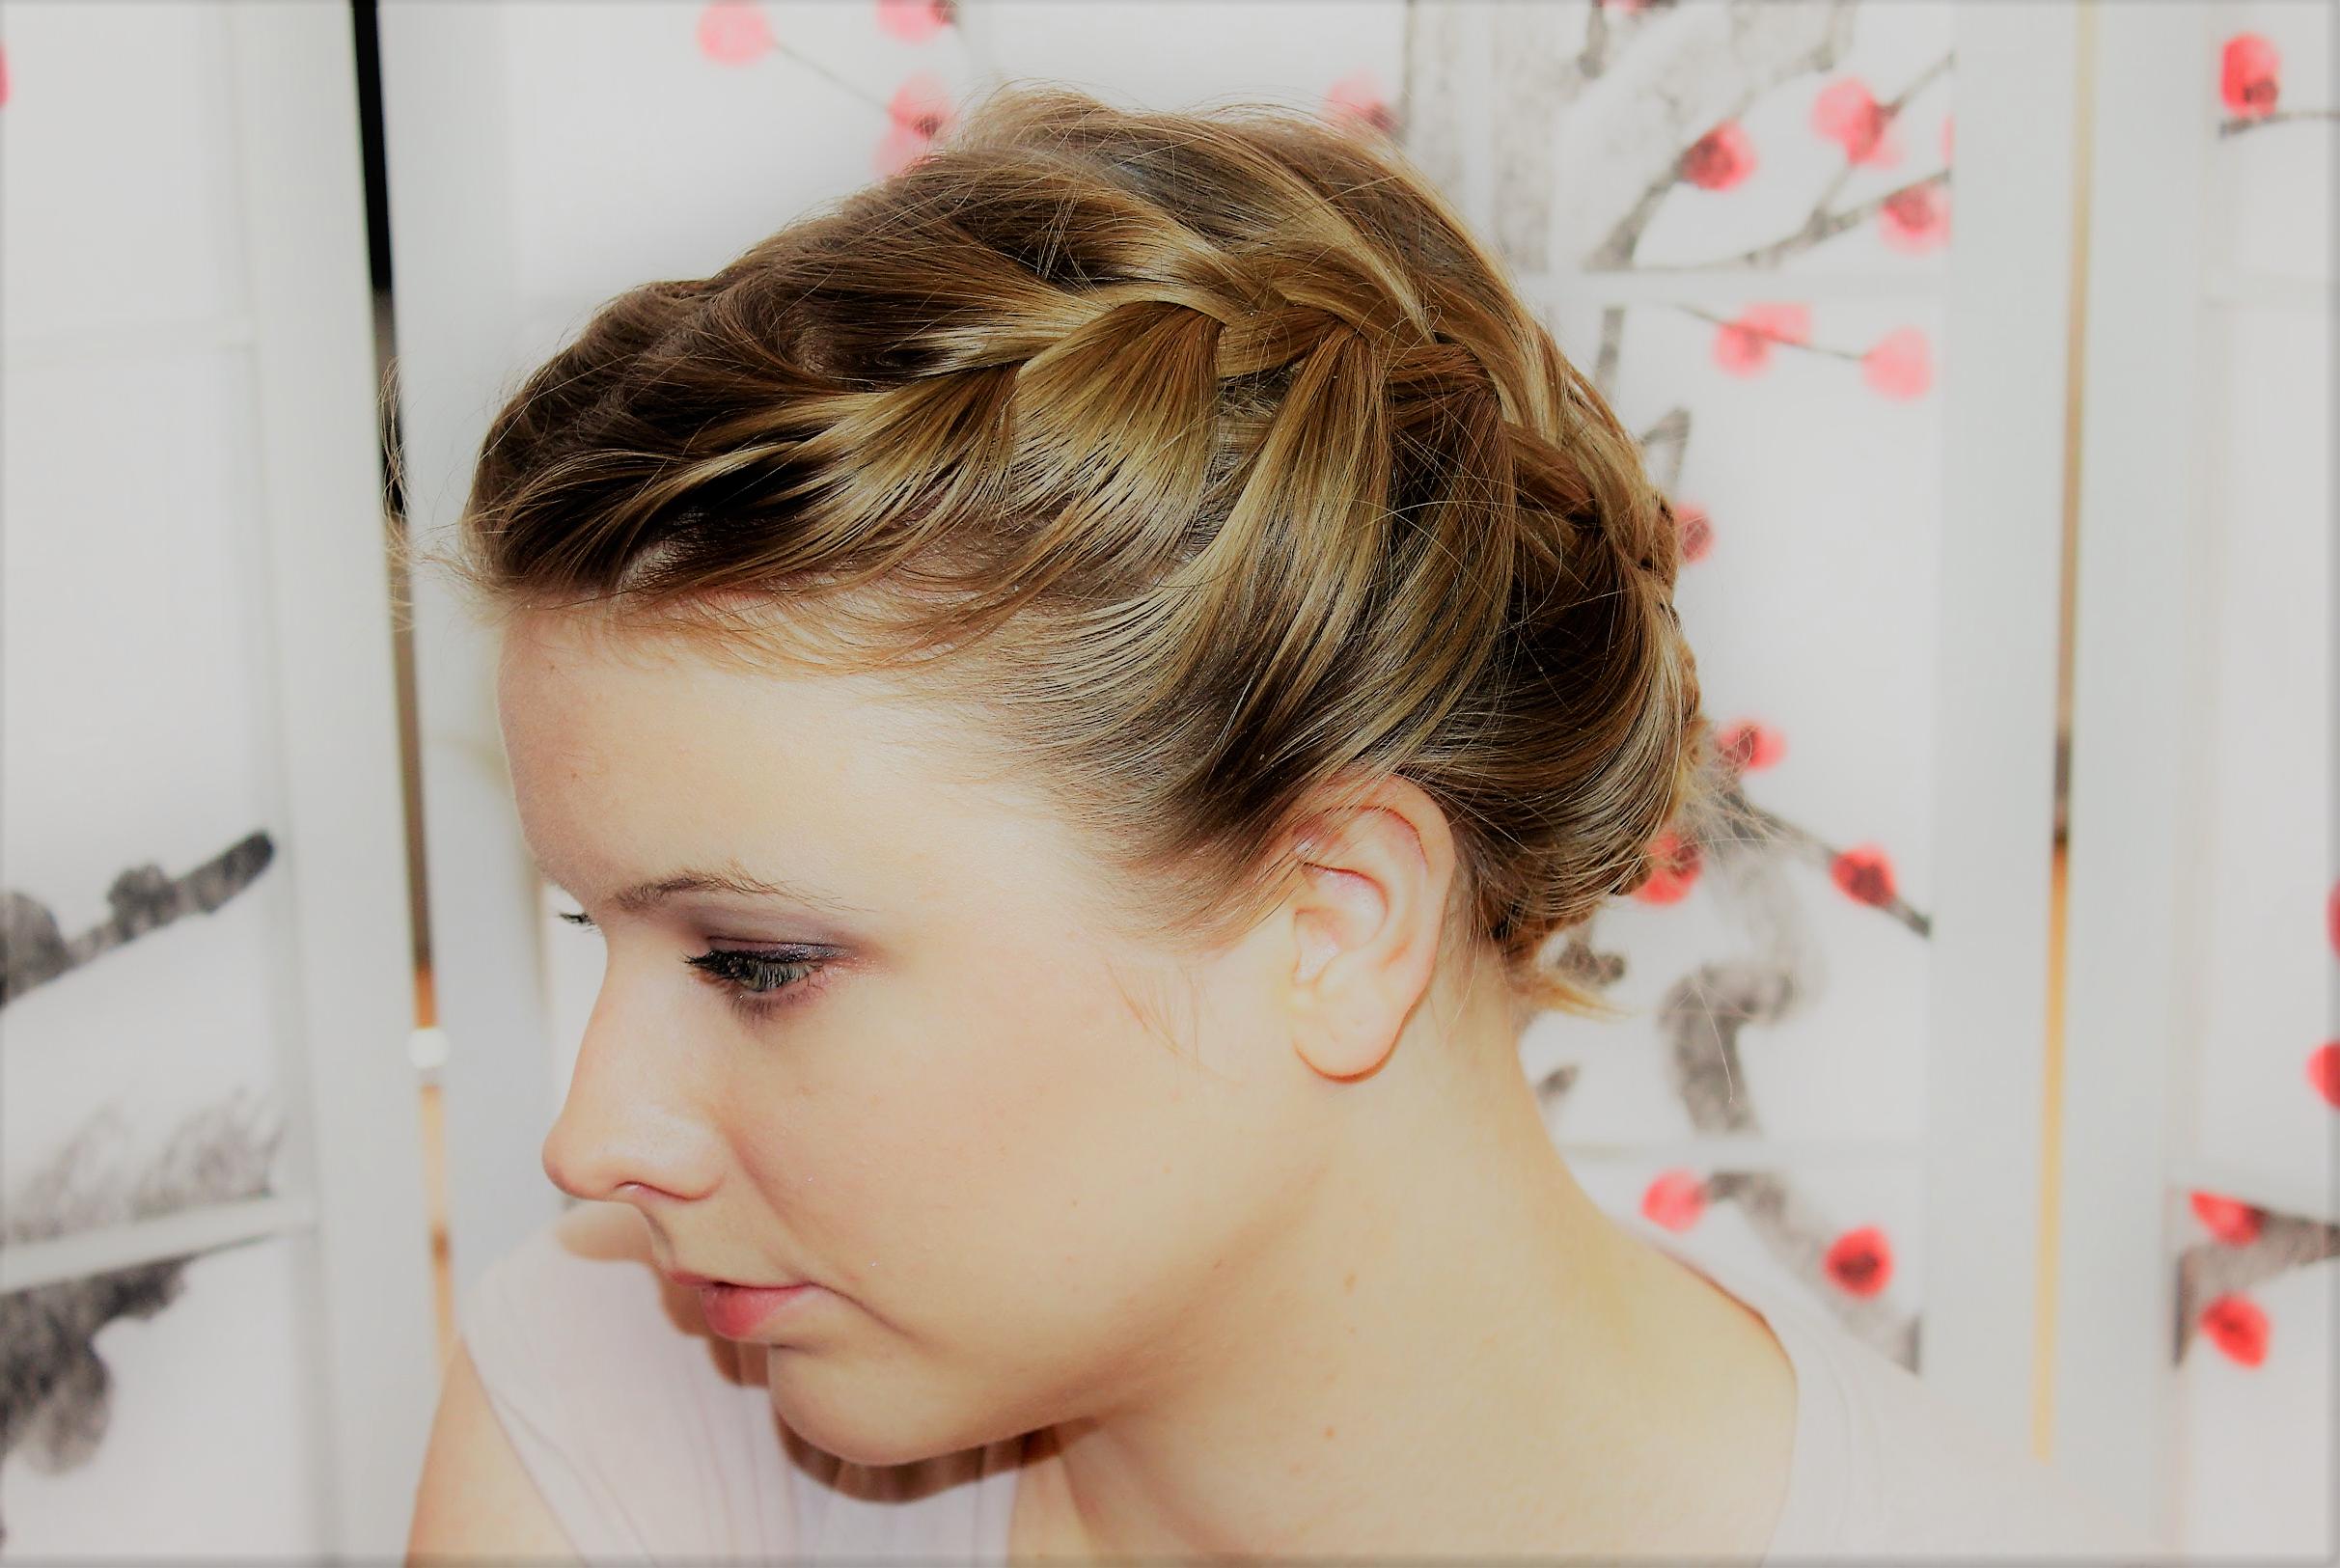 Neueste Trend Kommunion Frisuren Kurze Haare Bilder Frisur Ideen